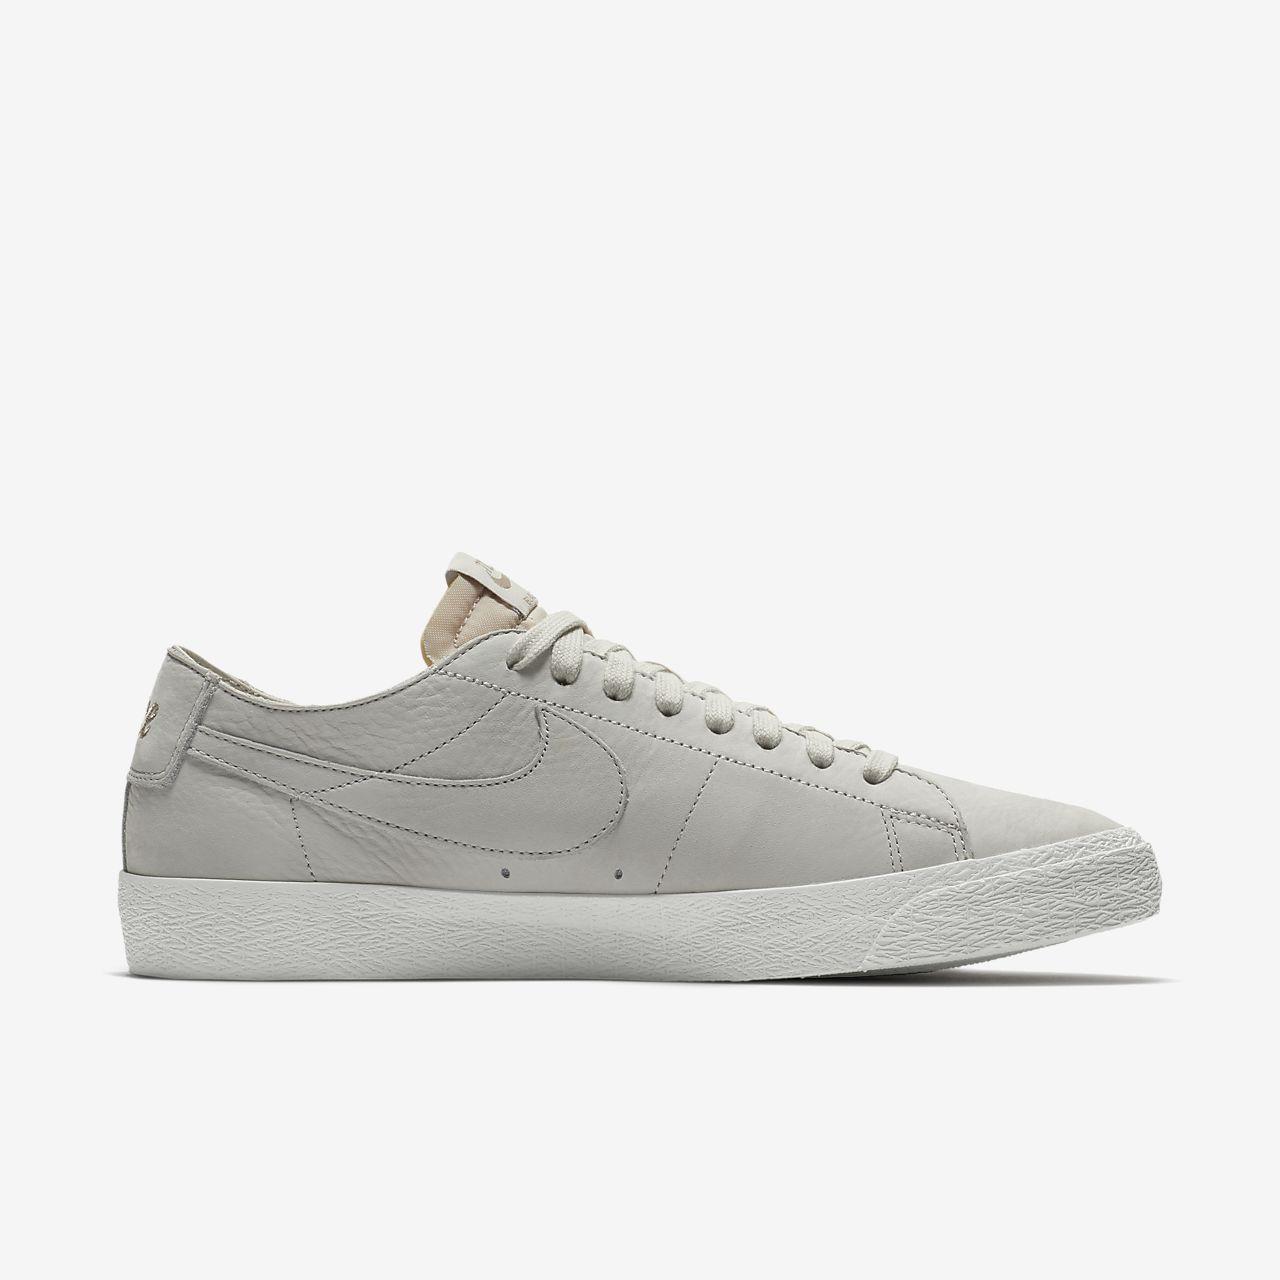 Nike Blazer Bas De Chaussures Déconstruit Pour Les Équipes parfait vente authentique braderie o8Ai45f